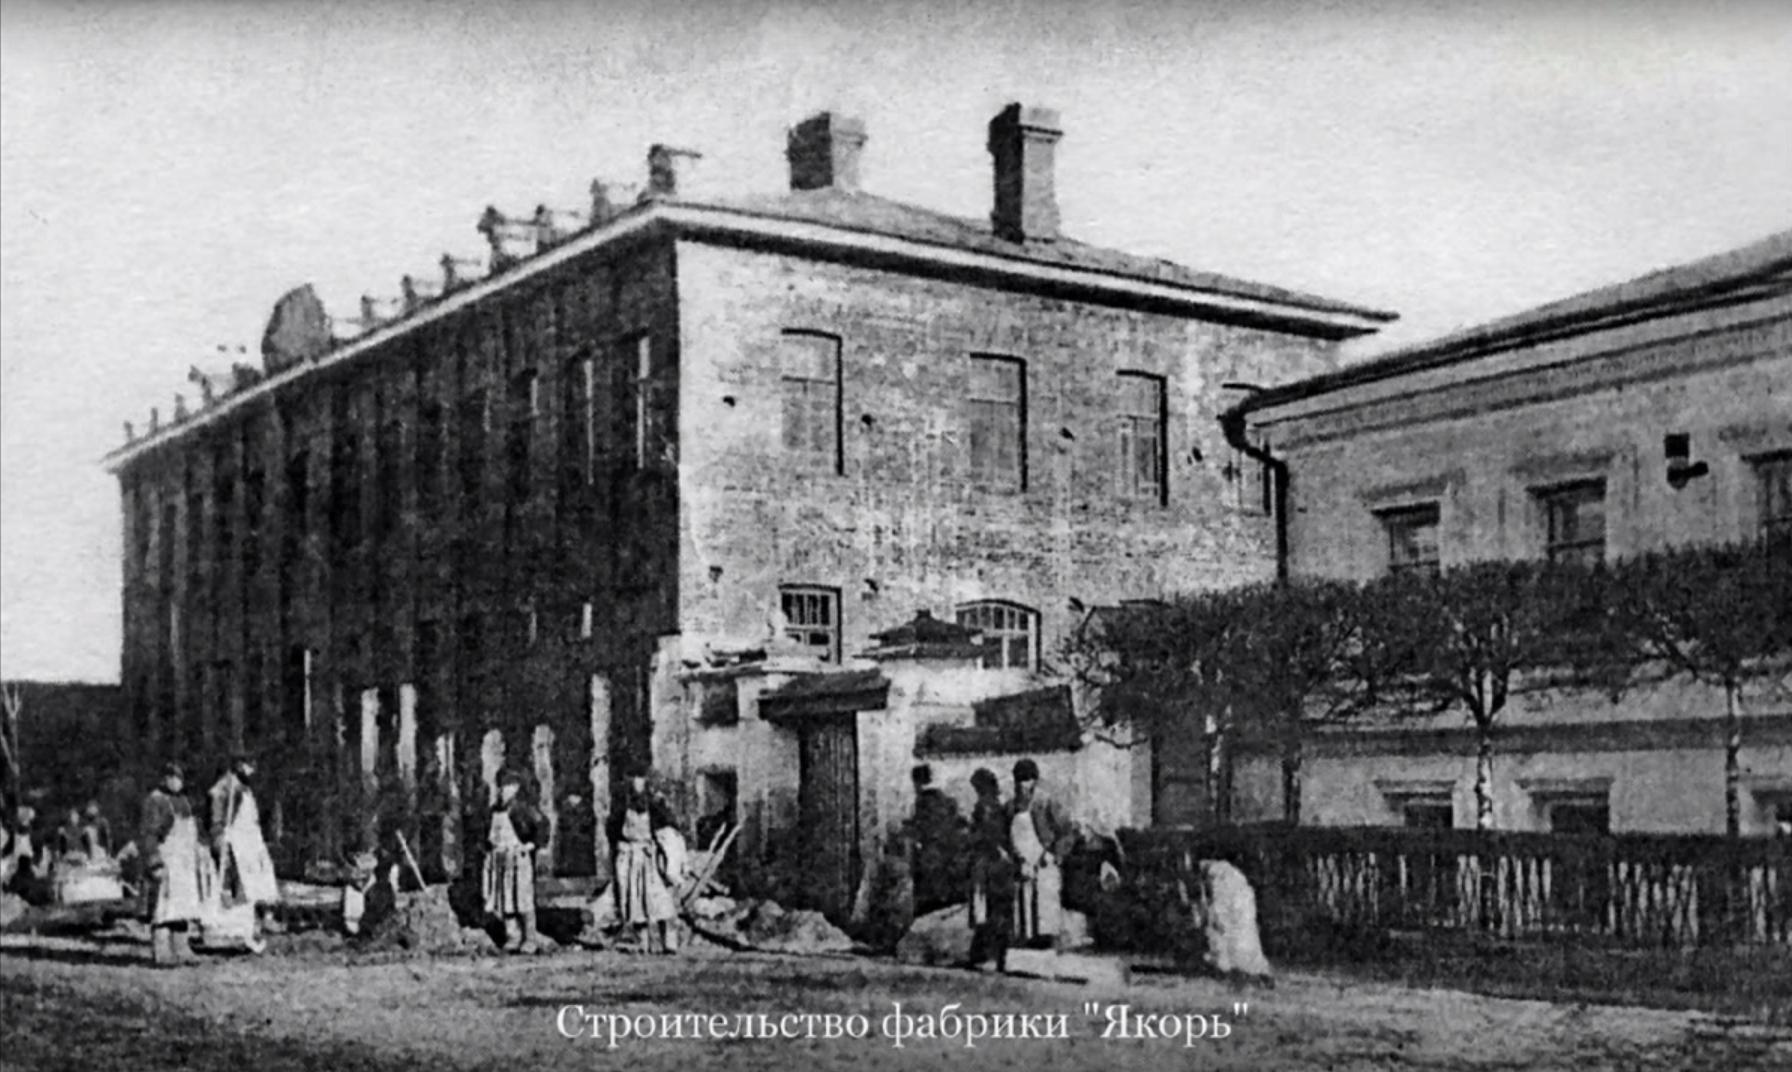 Строительство фабрики Якорь